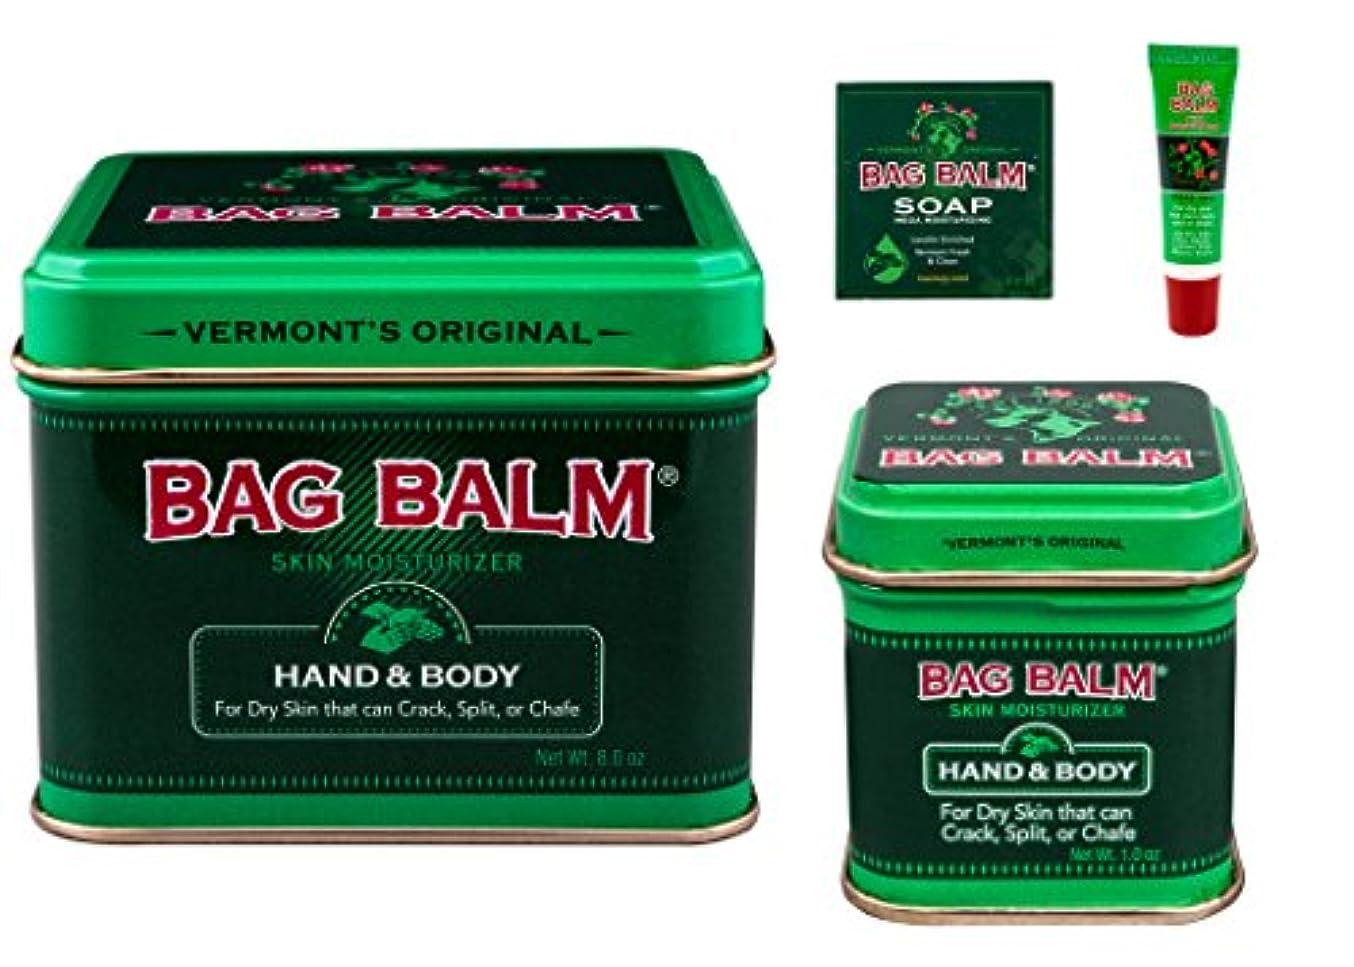 アーティキュレーション発表摘むBag Balm バリューバンドル(8オンス、1オンス缶は、チューブをオン-行くとメガモイスチャーソープ)